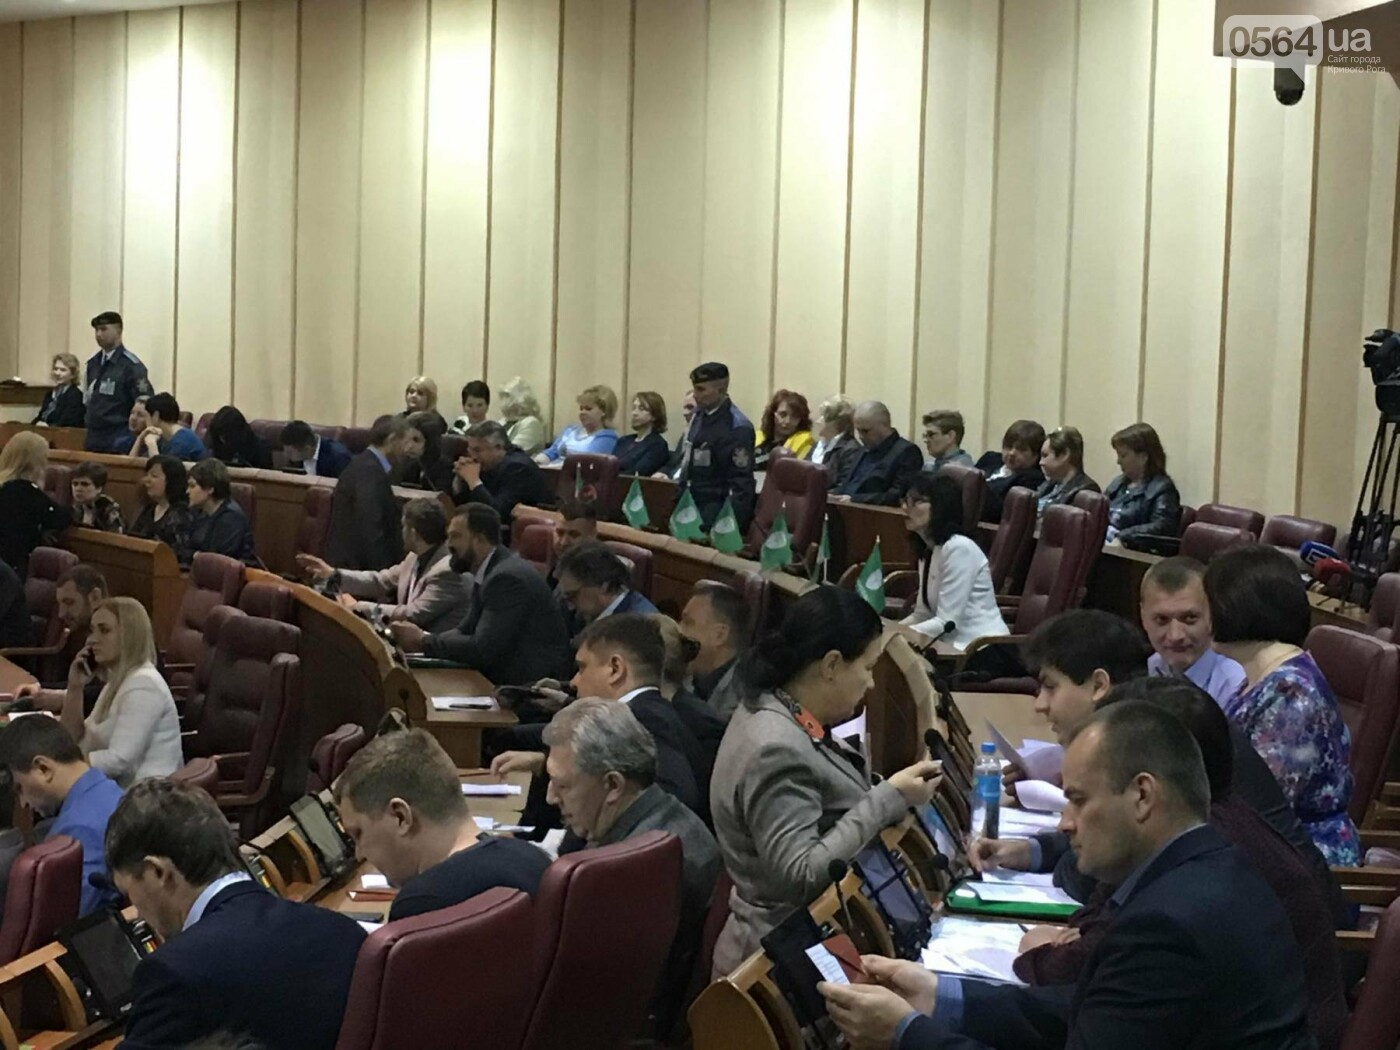 """""""Промэрское"""" большинство в Криворожском горсовете утвердило повестку дня сессии без предложений депутатов не из большинства (ФОТО), фото-14"""